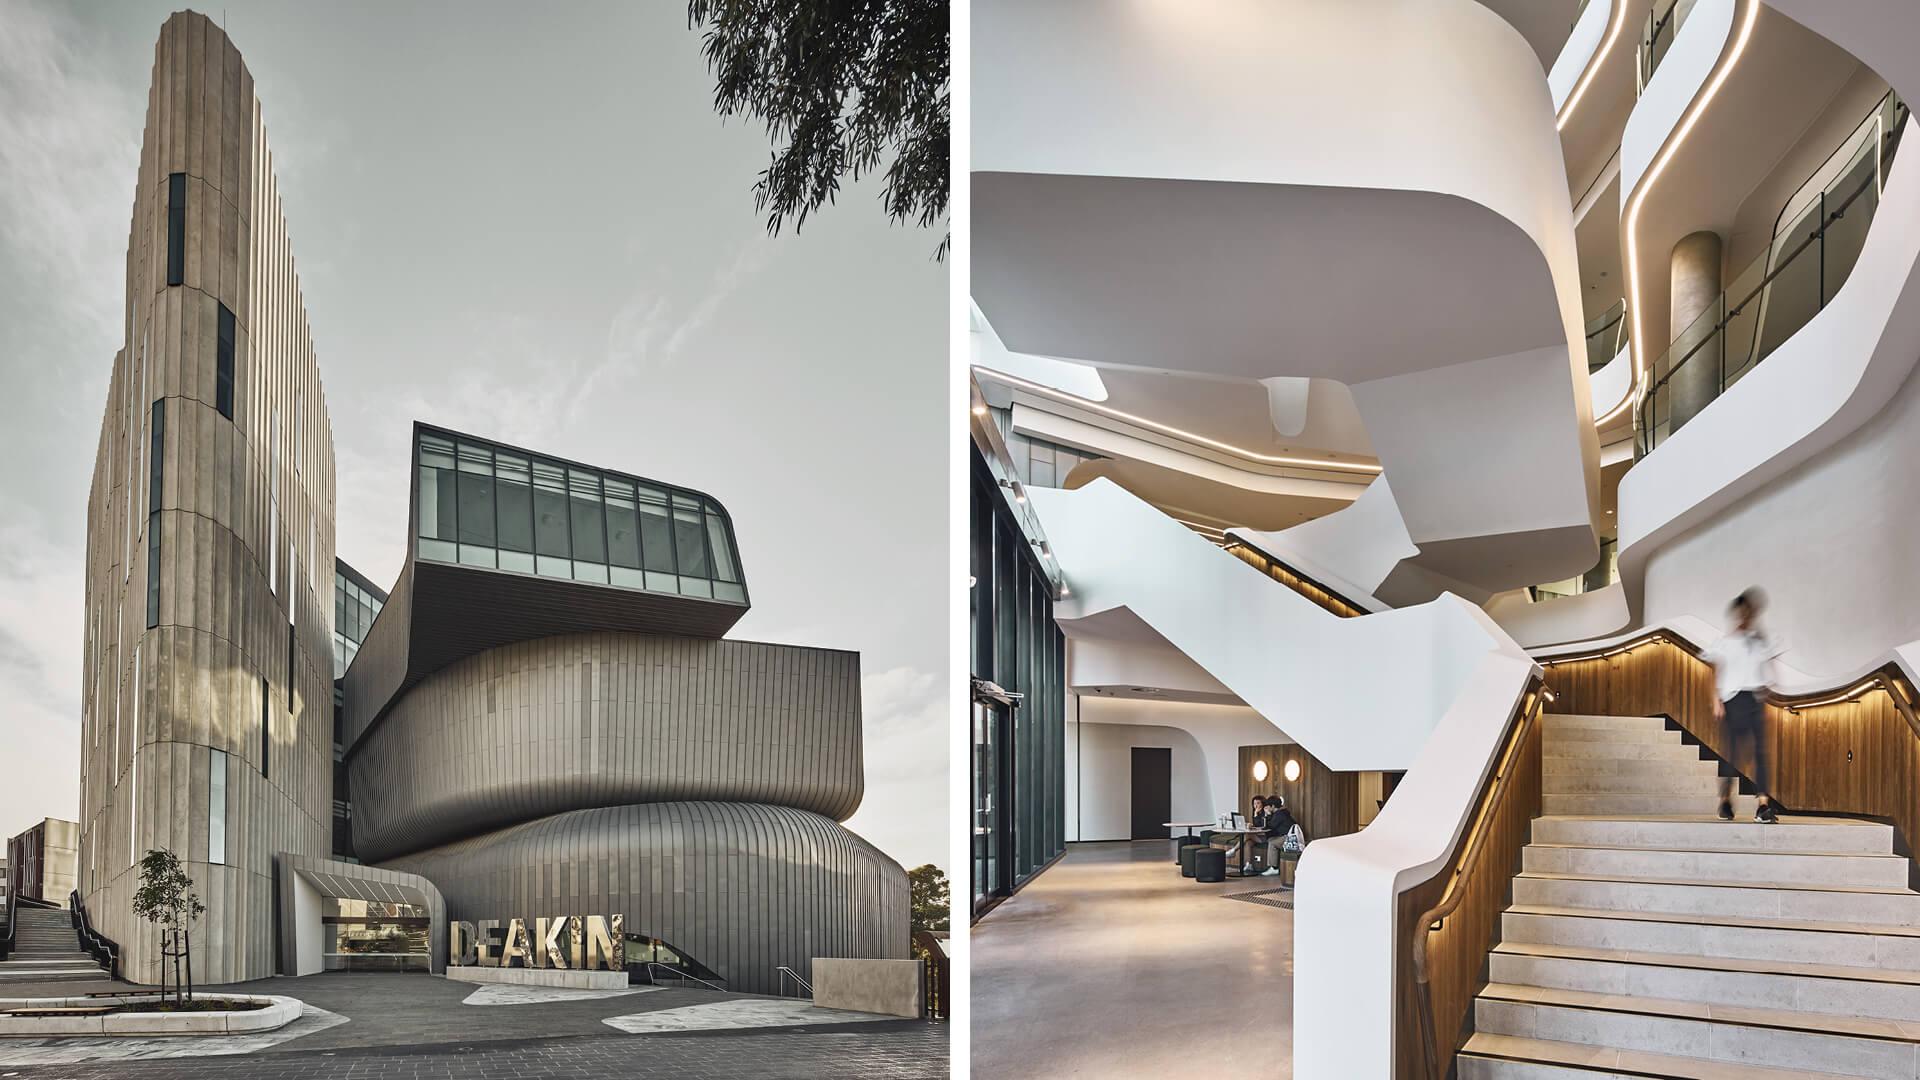 Deakin Law School Building by Woods Bagot in Melbourne, Australia | Deakin Law School Building by Woods Bagot | STIRworld